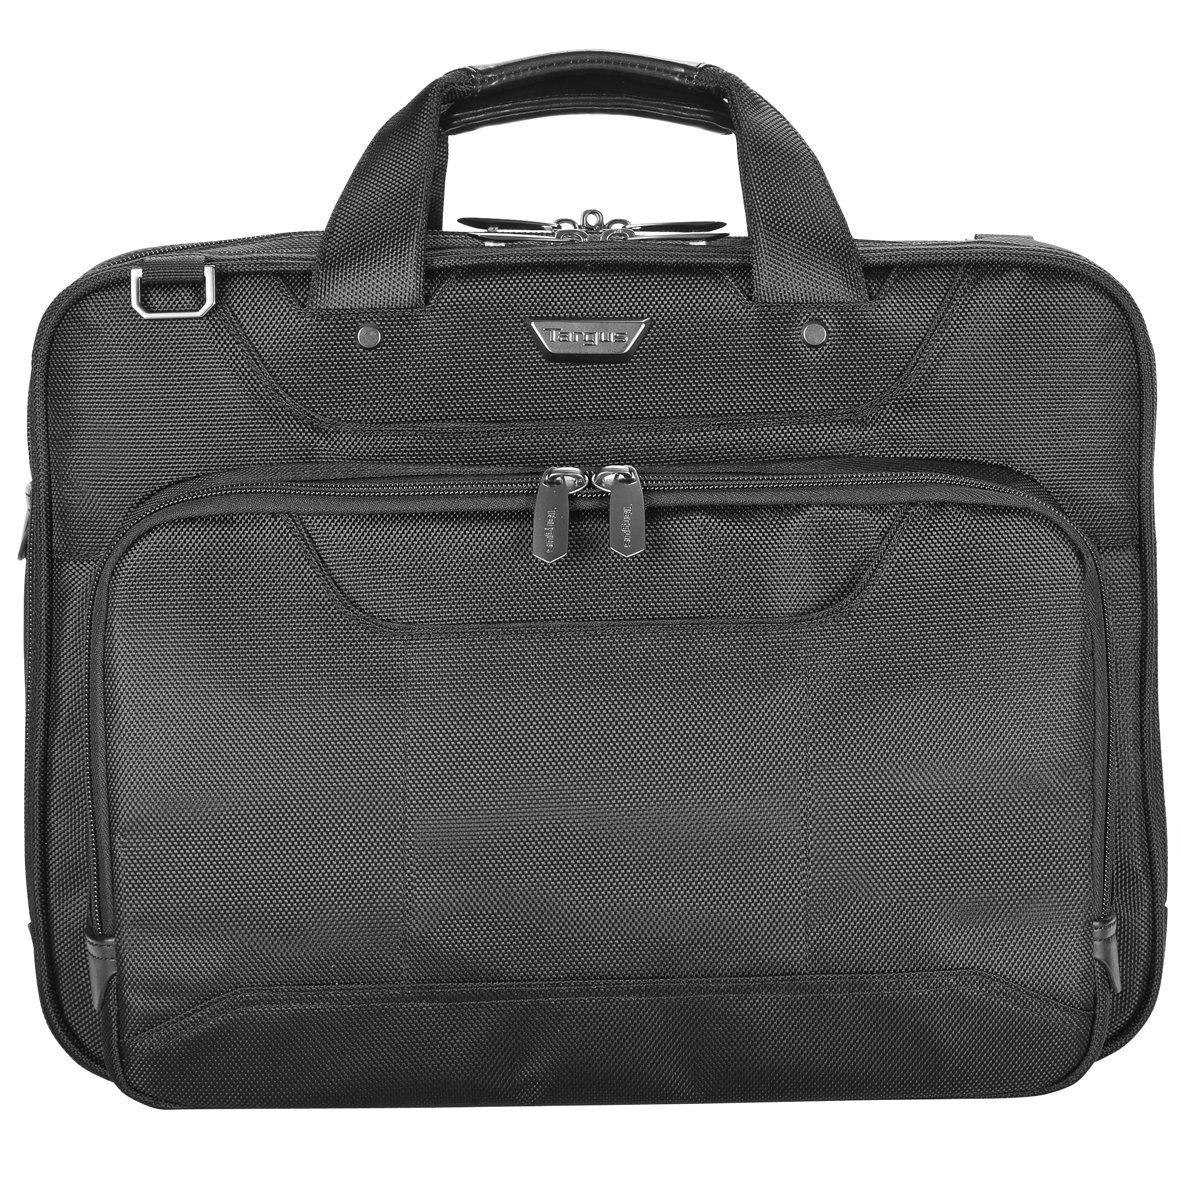 9460ac9042 Targus Corporate Traveller Sacoche pour Ordinateur Portable 14